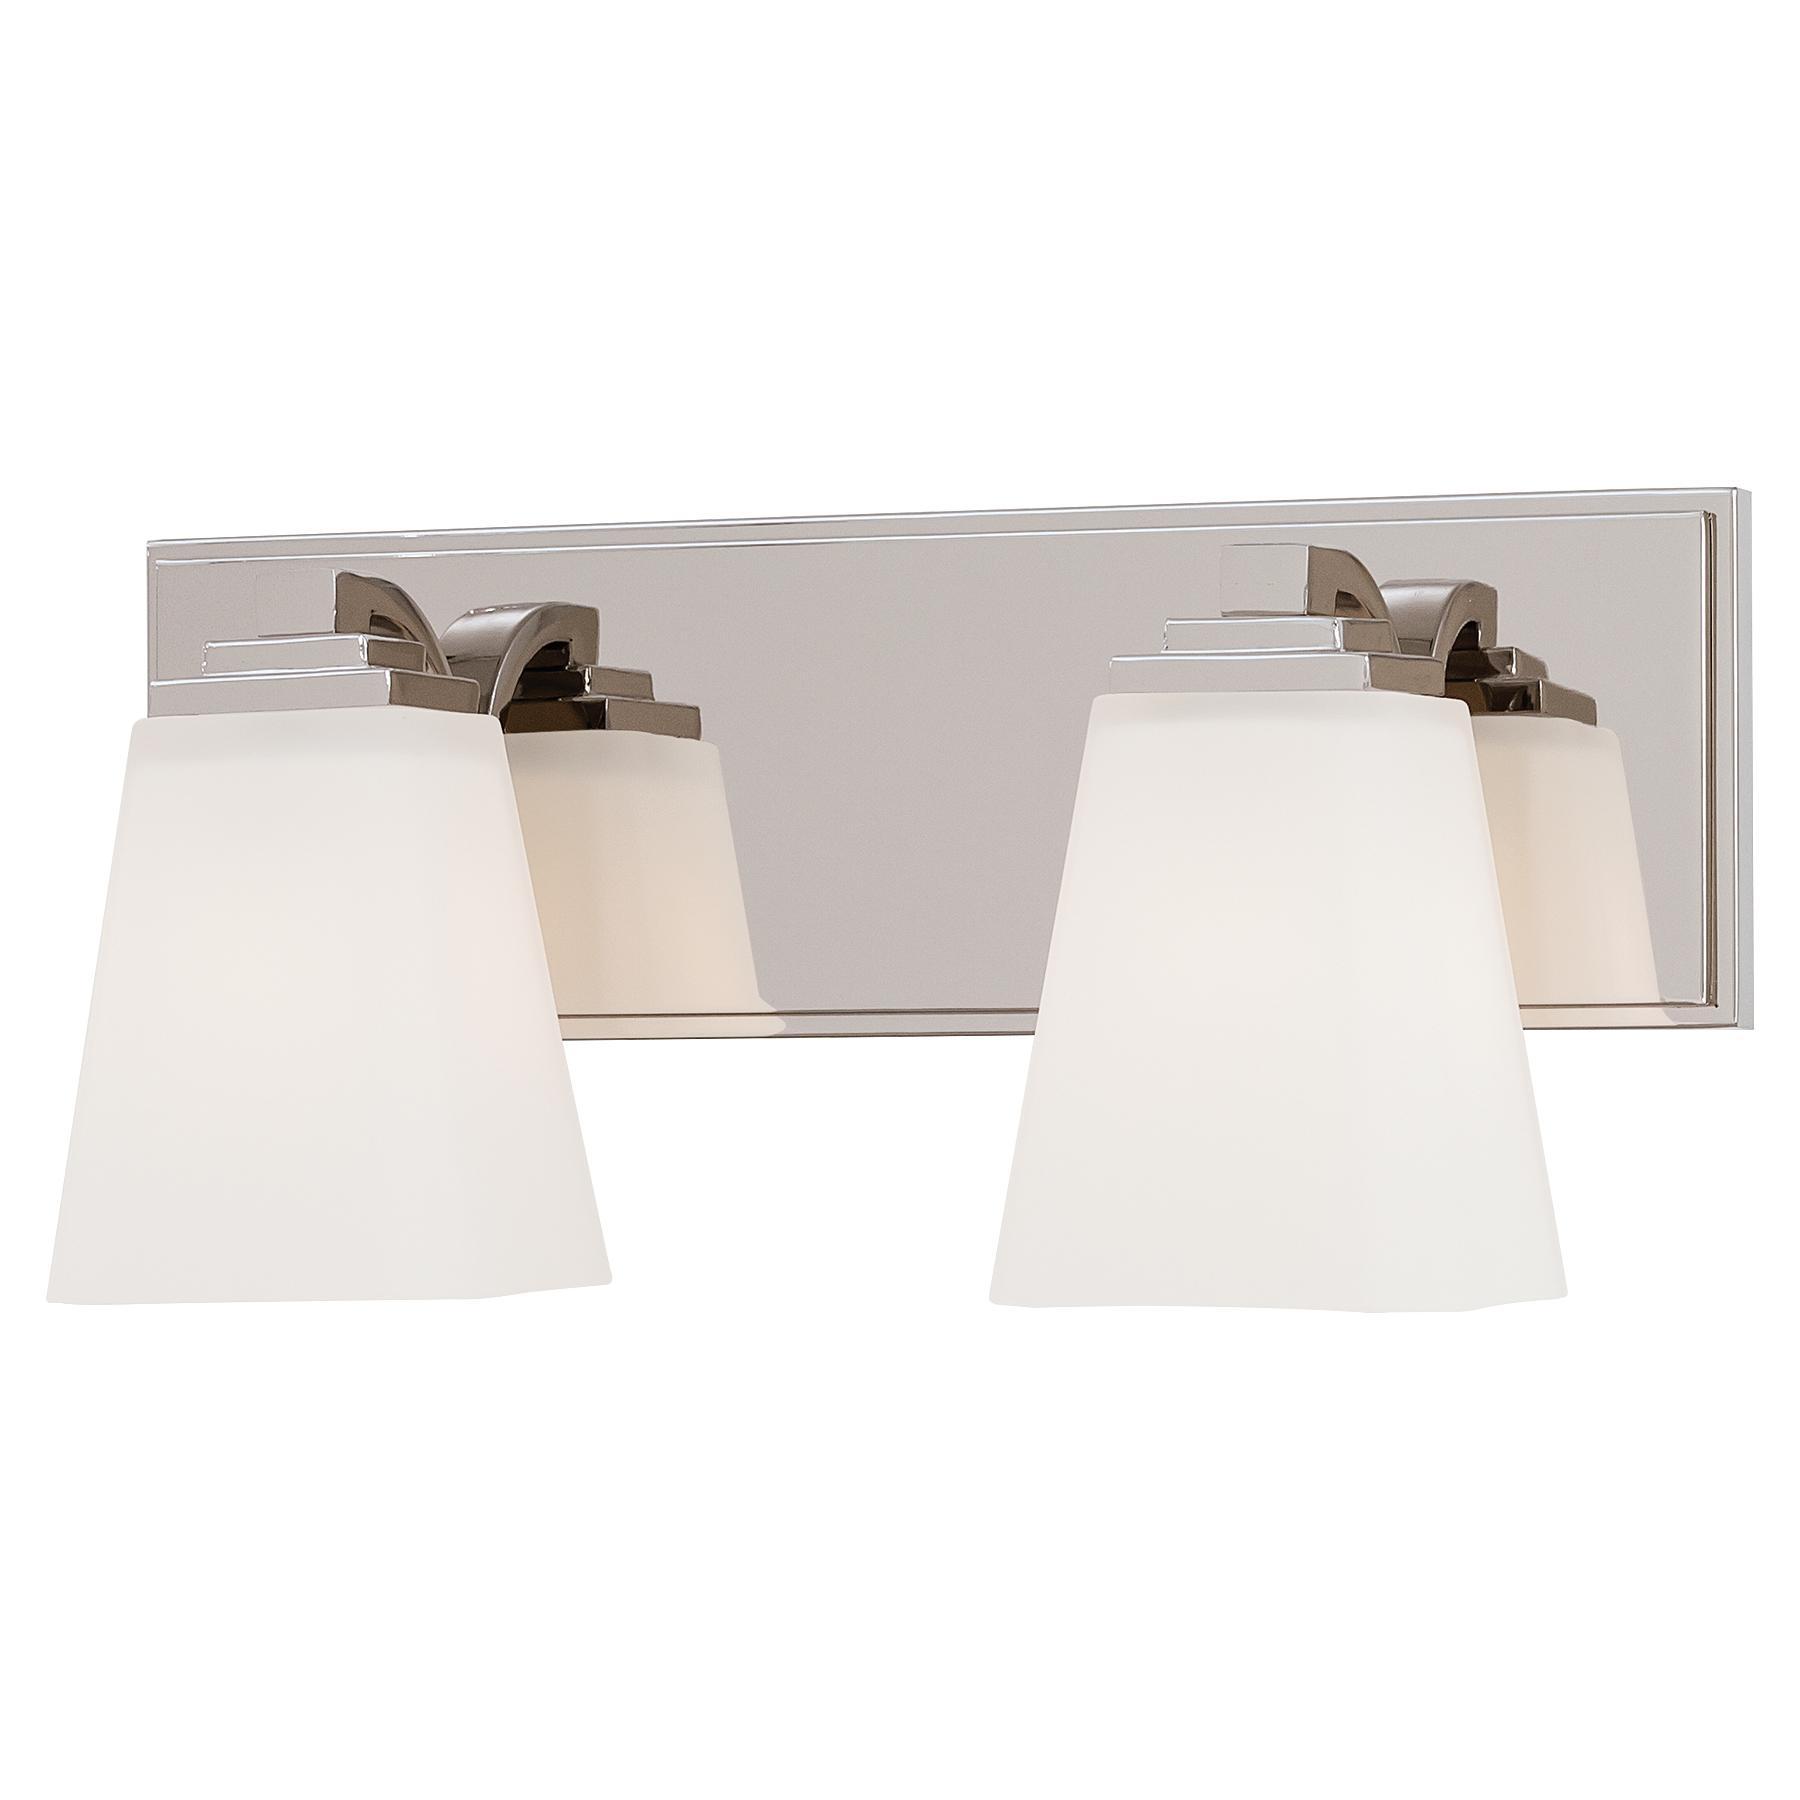 Bathroom Vanity Light By Minka Lavery - Minka lavery bathroom lighting fixtures